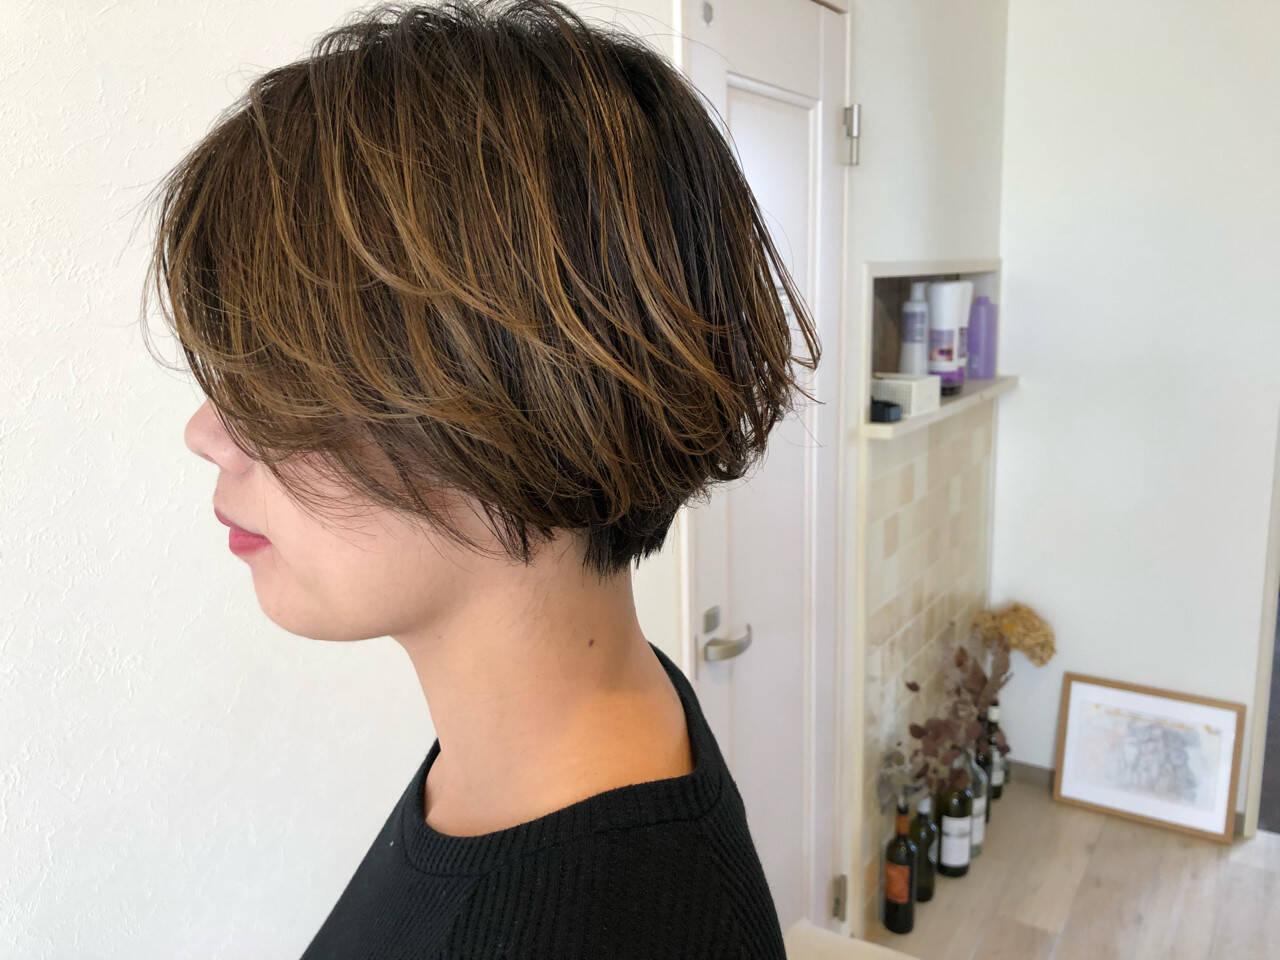 デート アッシュグレージュ アッシュ グレージュヘアスタイルや髪型の写真・画像